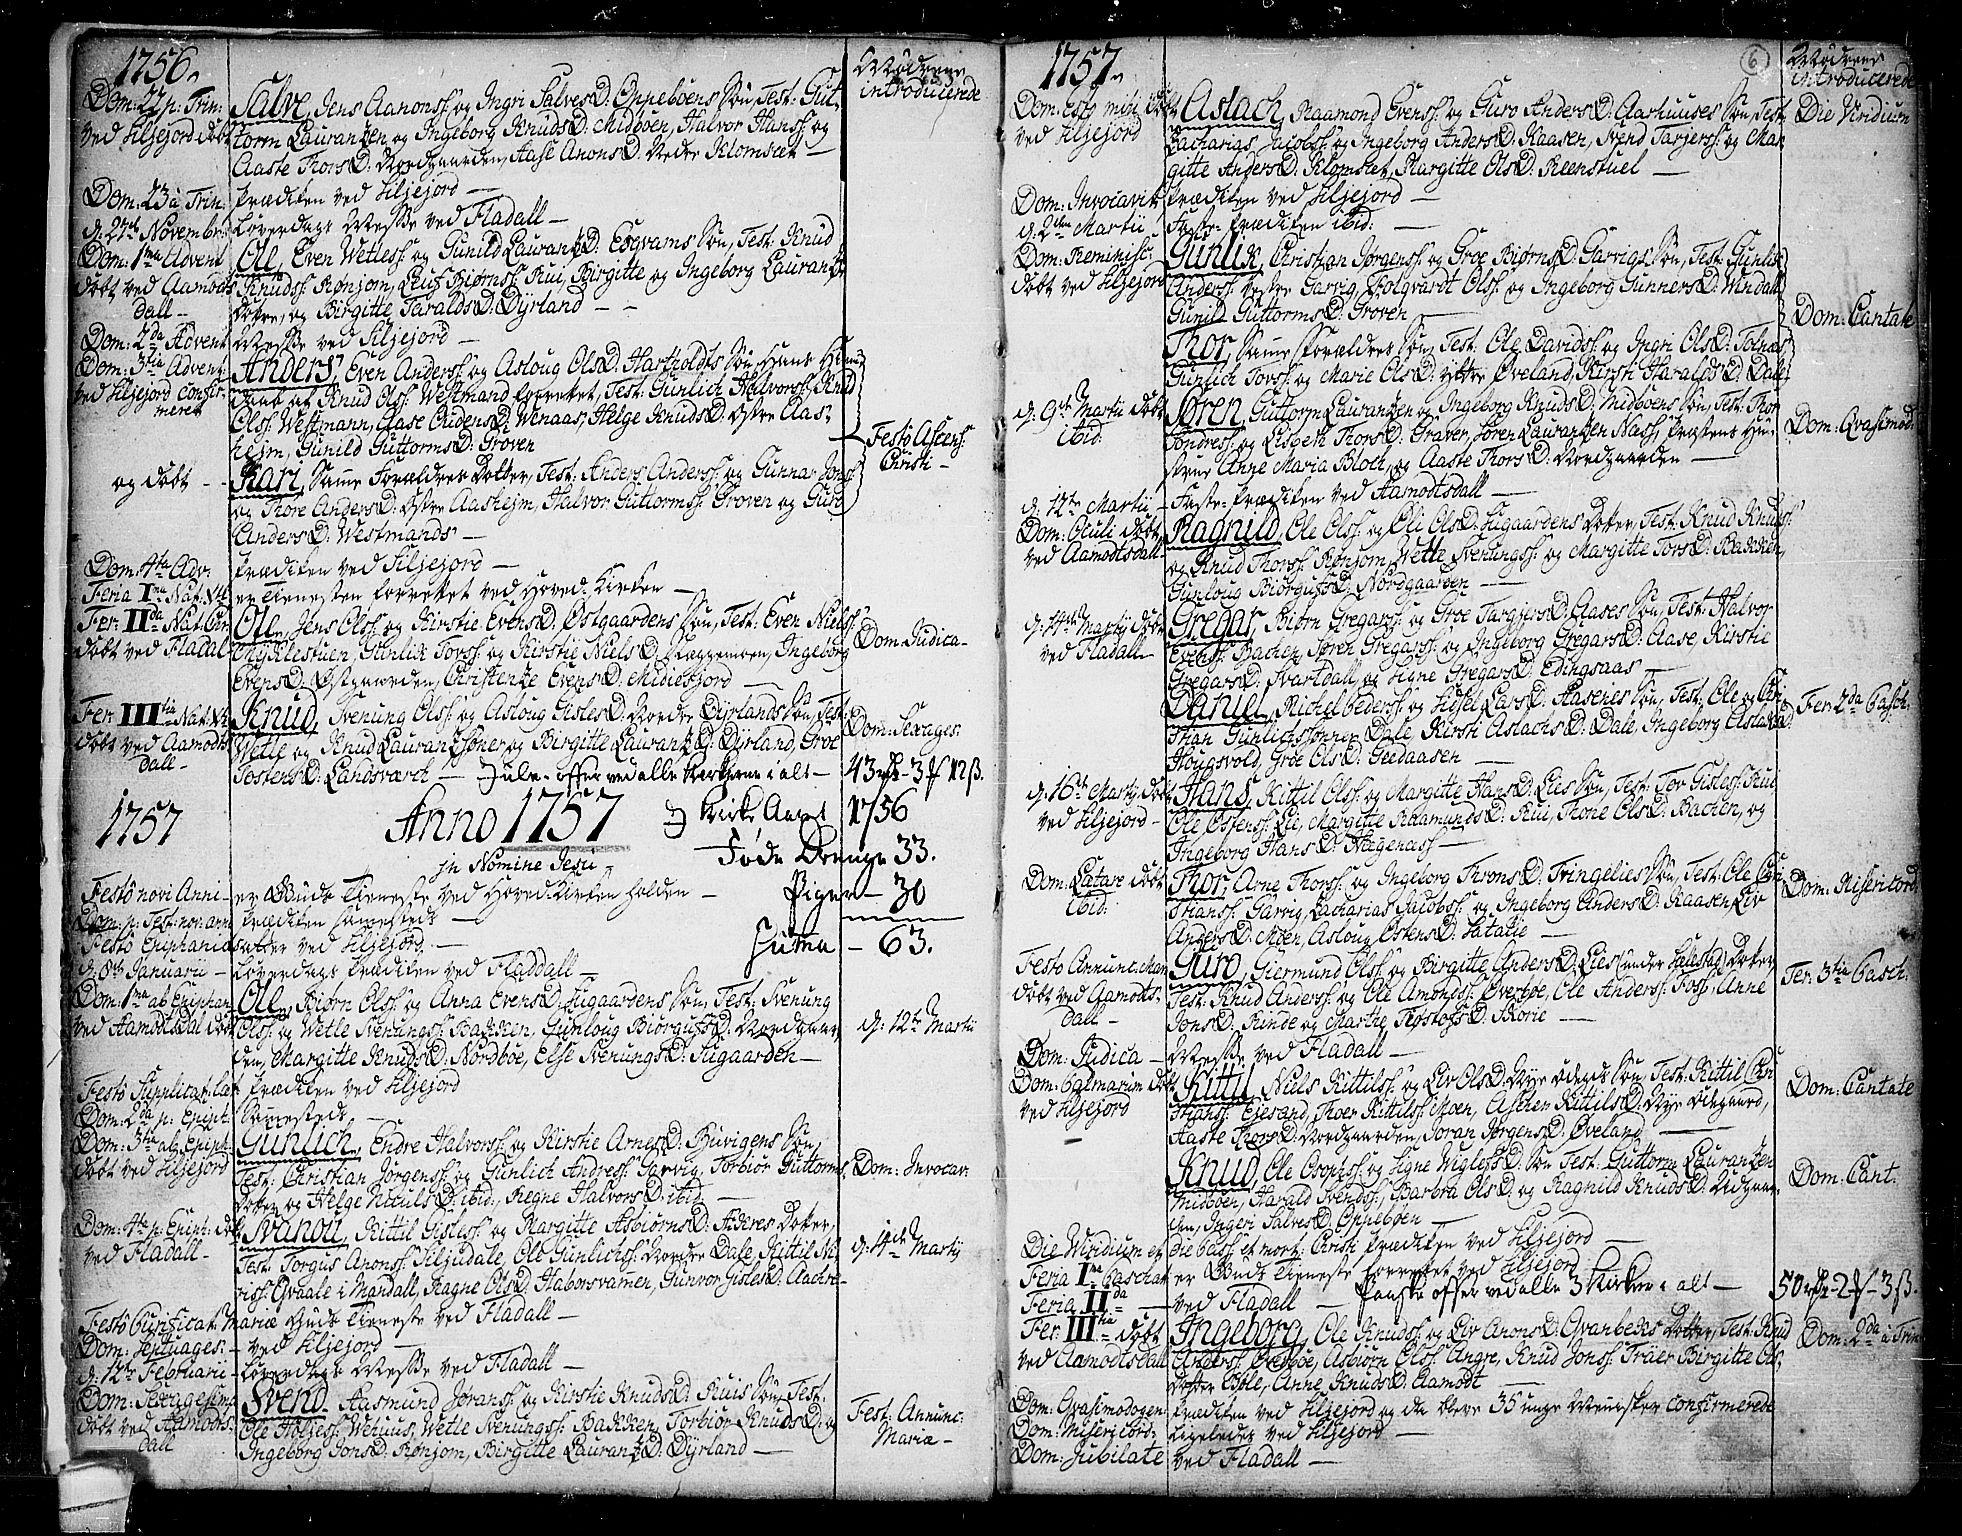 SAKO, Seljord kirkebøker, F/Fa/L0007: Ministerialbok nr. I 7, 1755-1800, s. 6